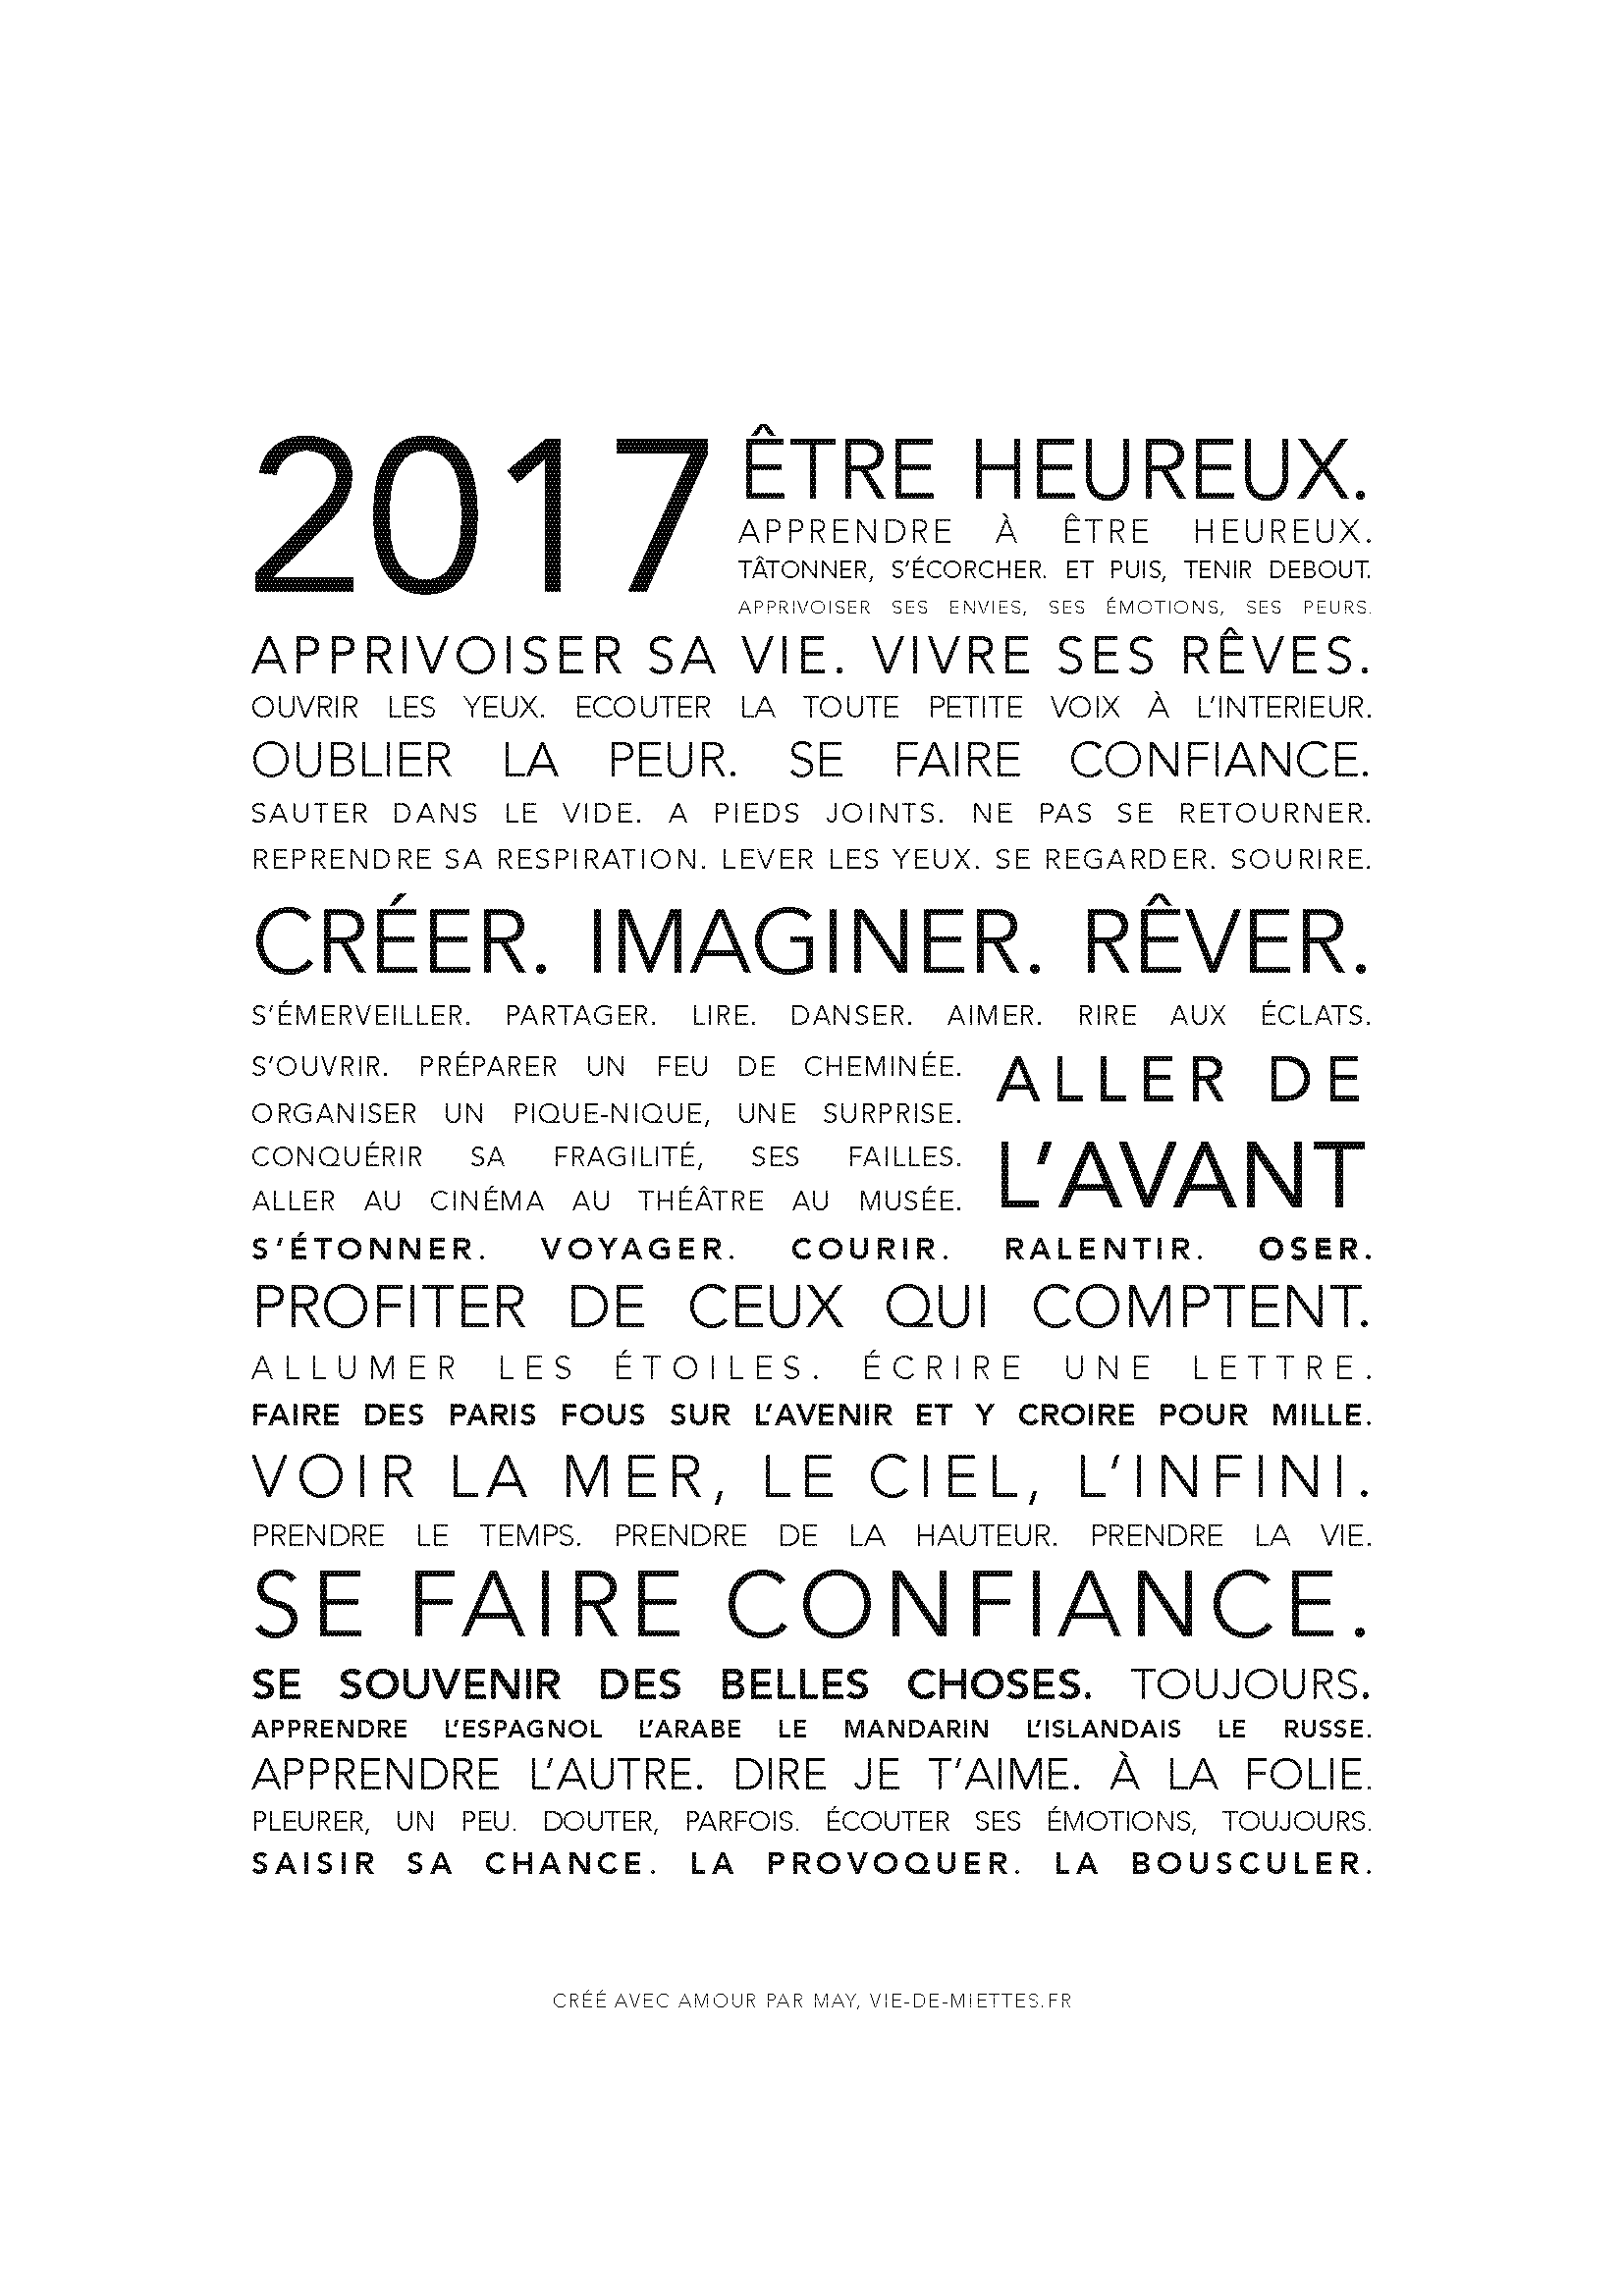 Carte de v ux 2017 imprimer vie de miettes carte de voeux et vie - Texte carte de voeux 2017 ...